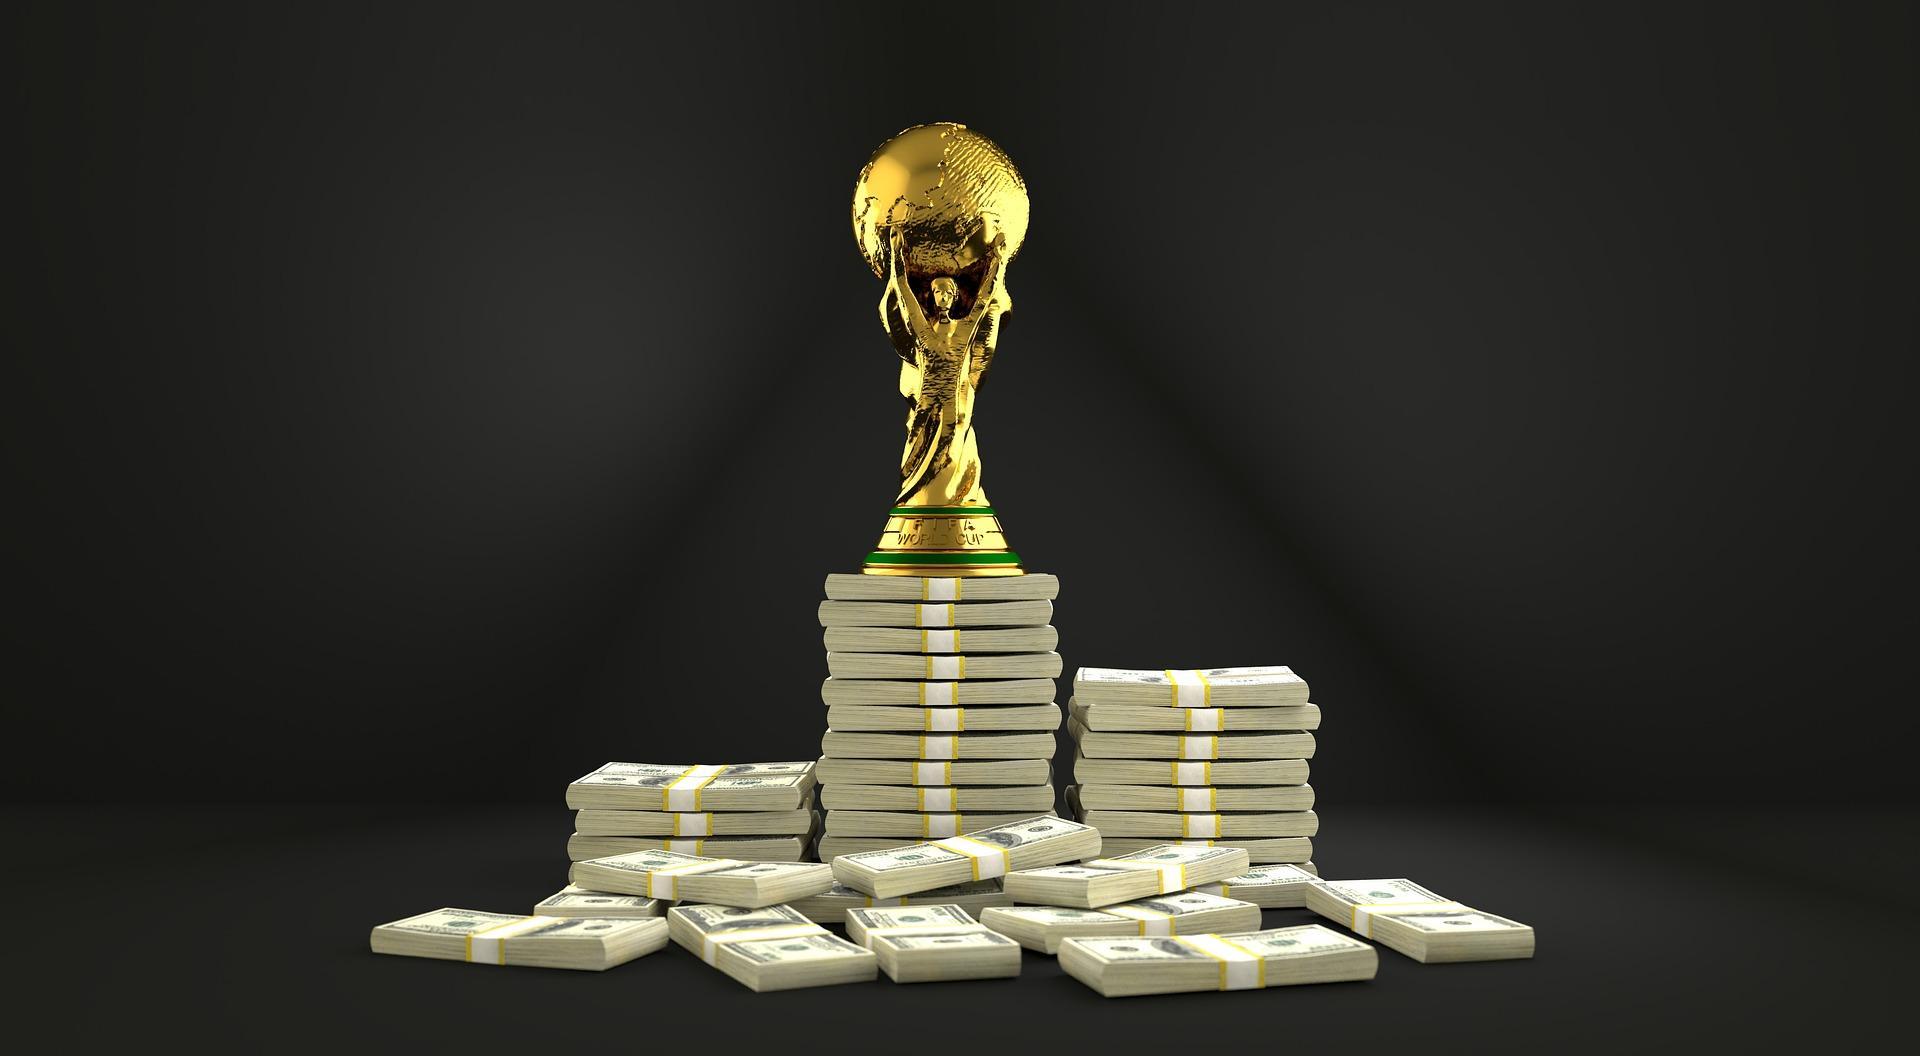 pénz, verseny, nyeremény, pénzügy